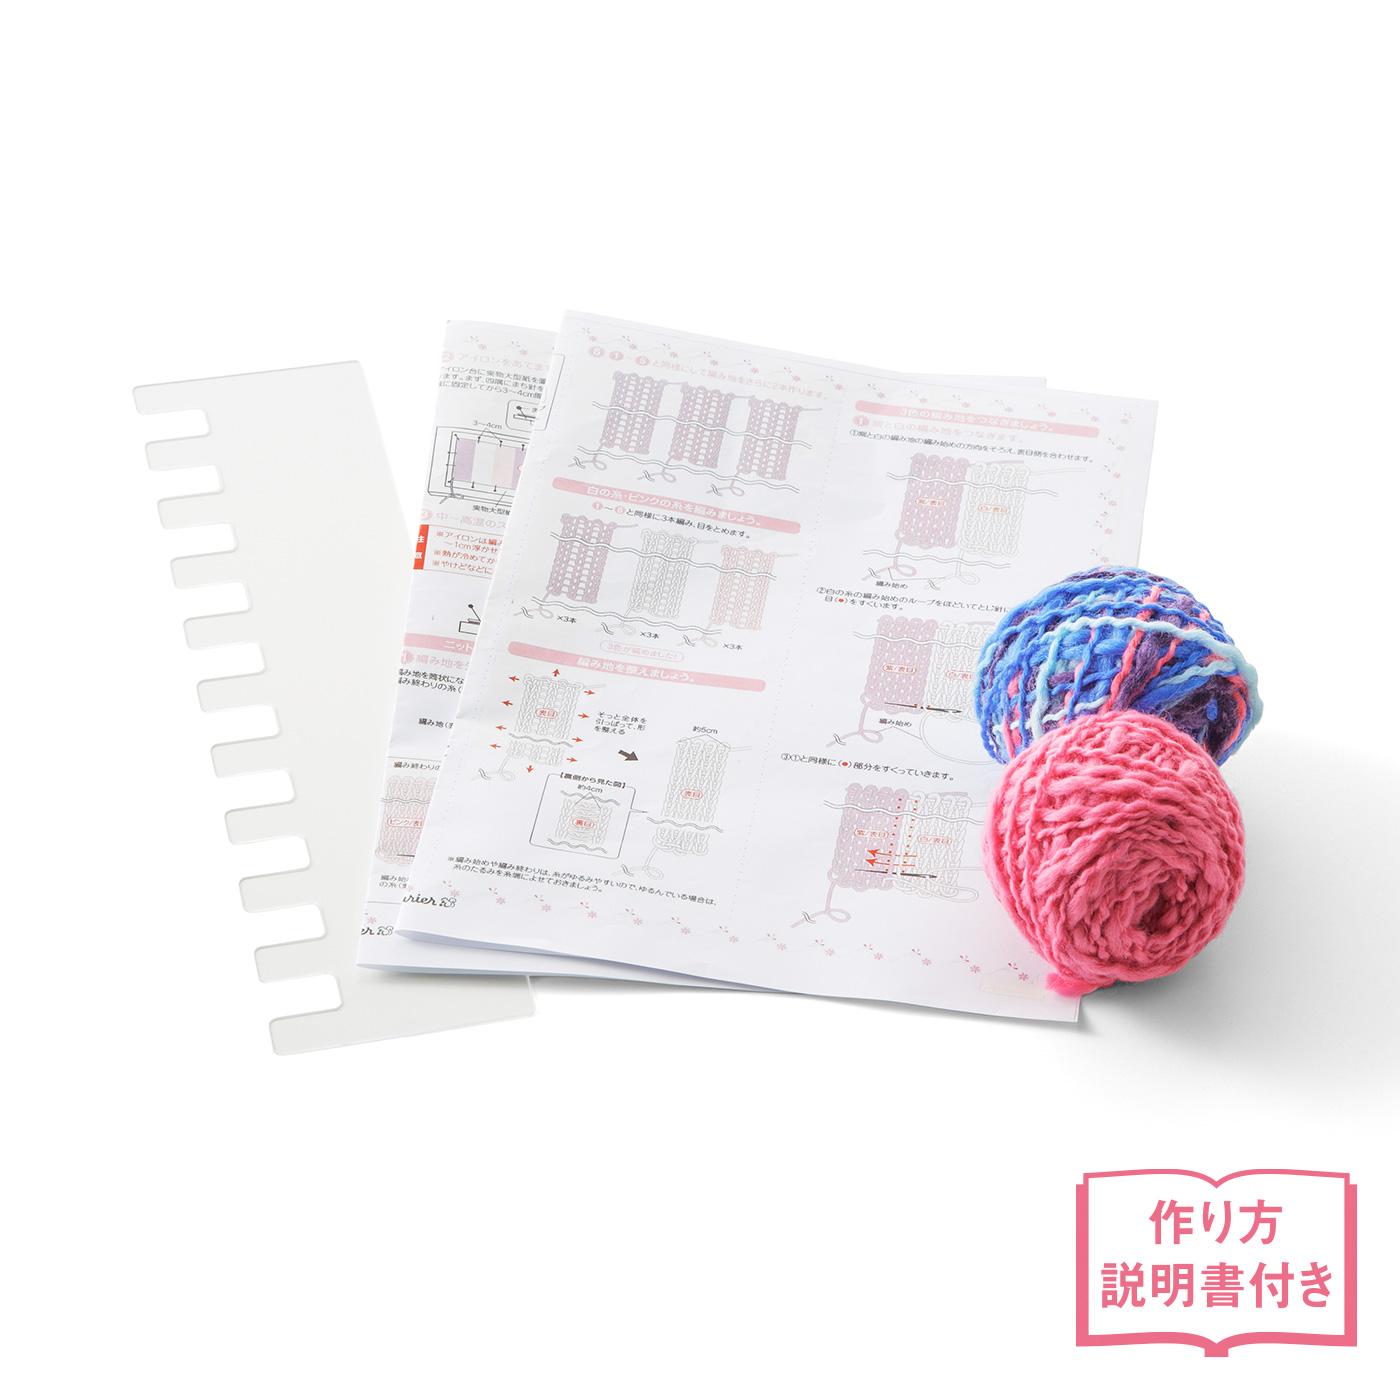 ●1回分のお届けキット例です。 最初のお届けに編みプレートがセットされています。